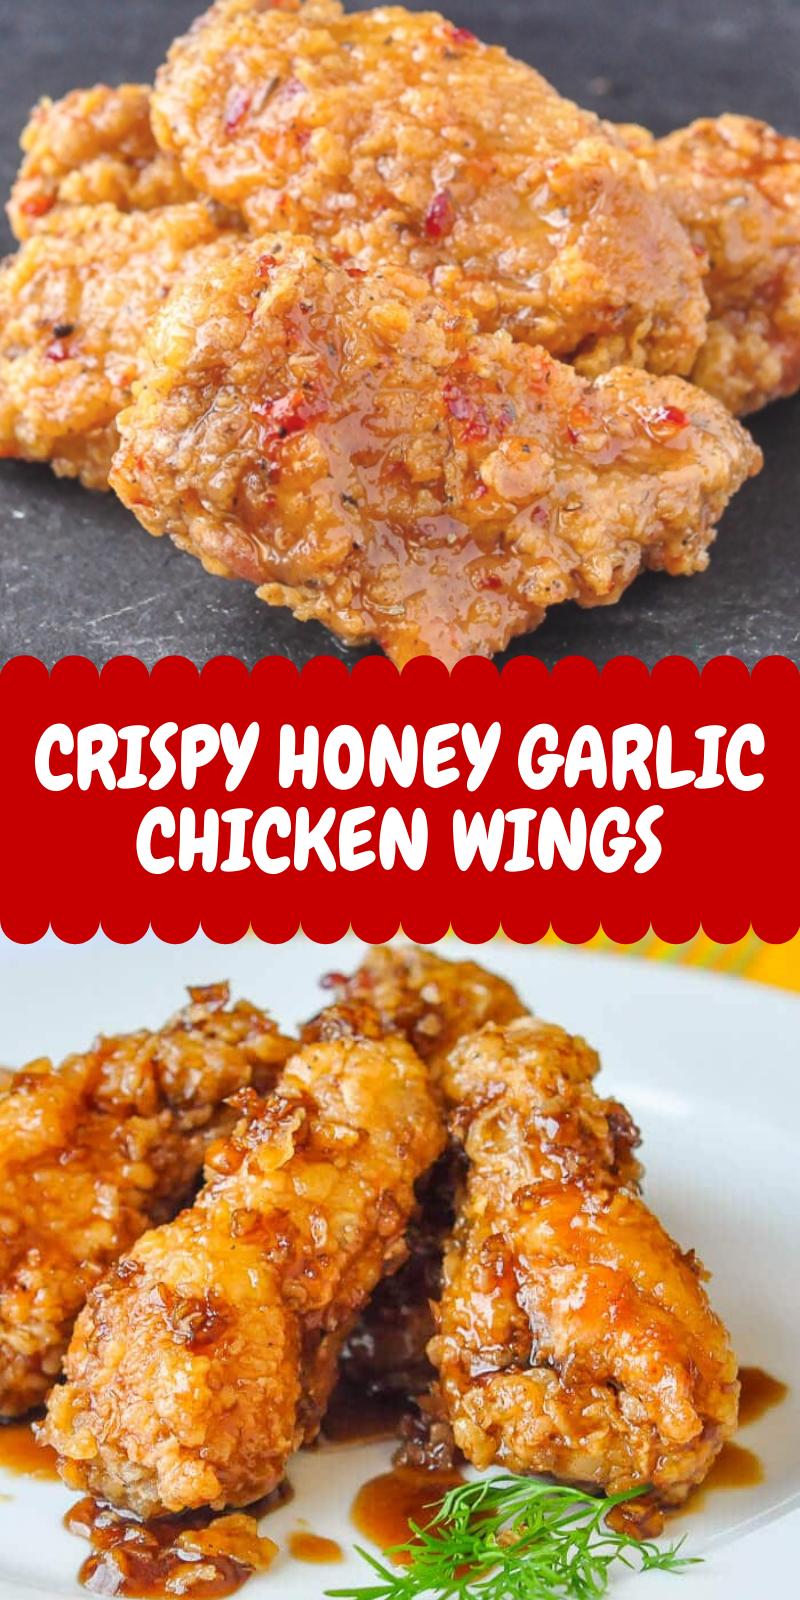 Easy Crispy Honey Garlic Chicken Wings Chicken Dinner Recipes Chicken Recipes Chicken Wing Recipes